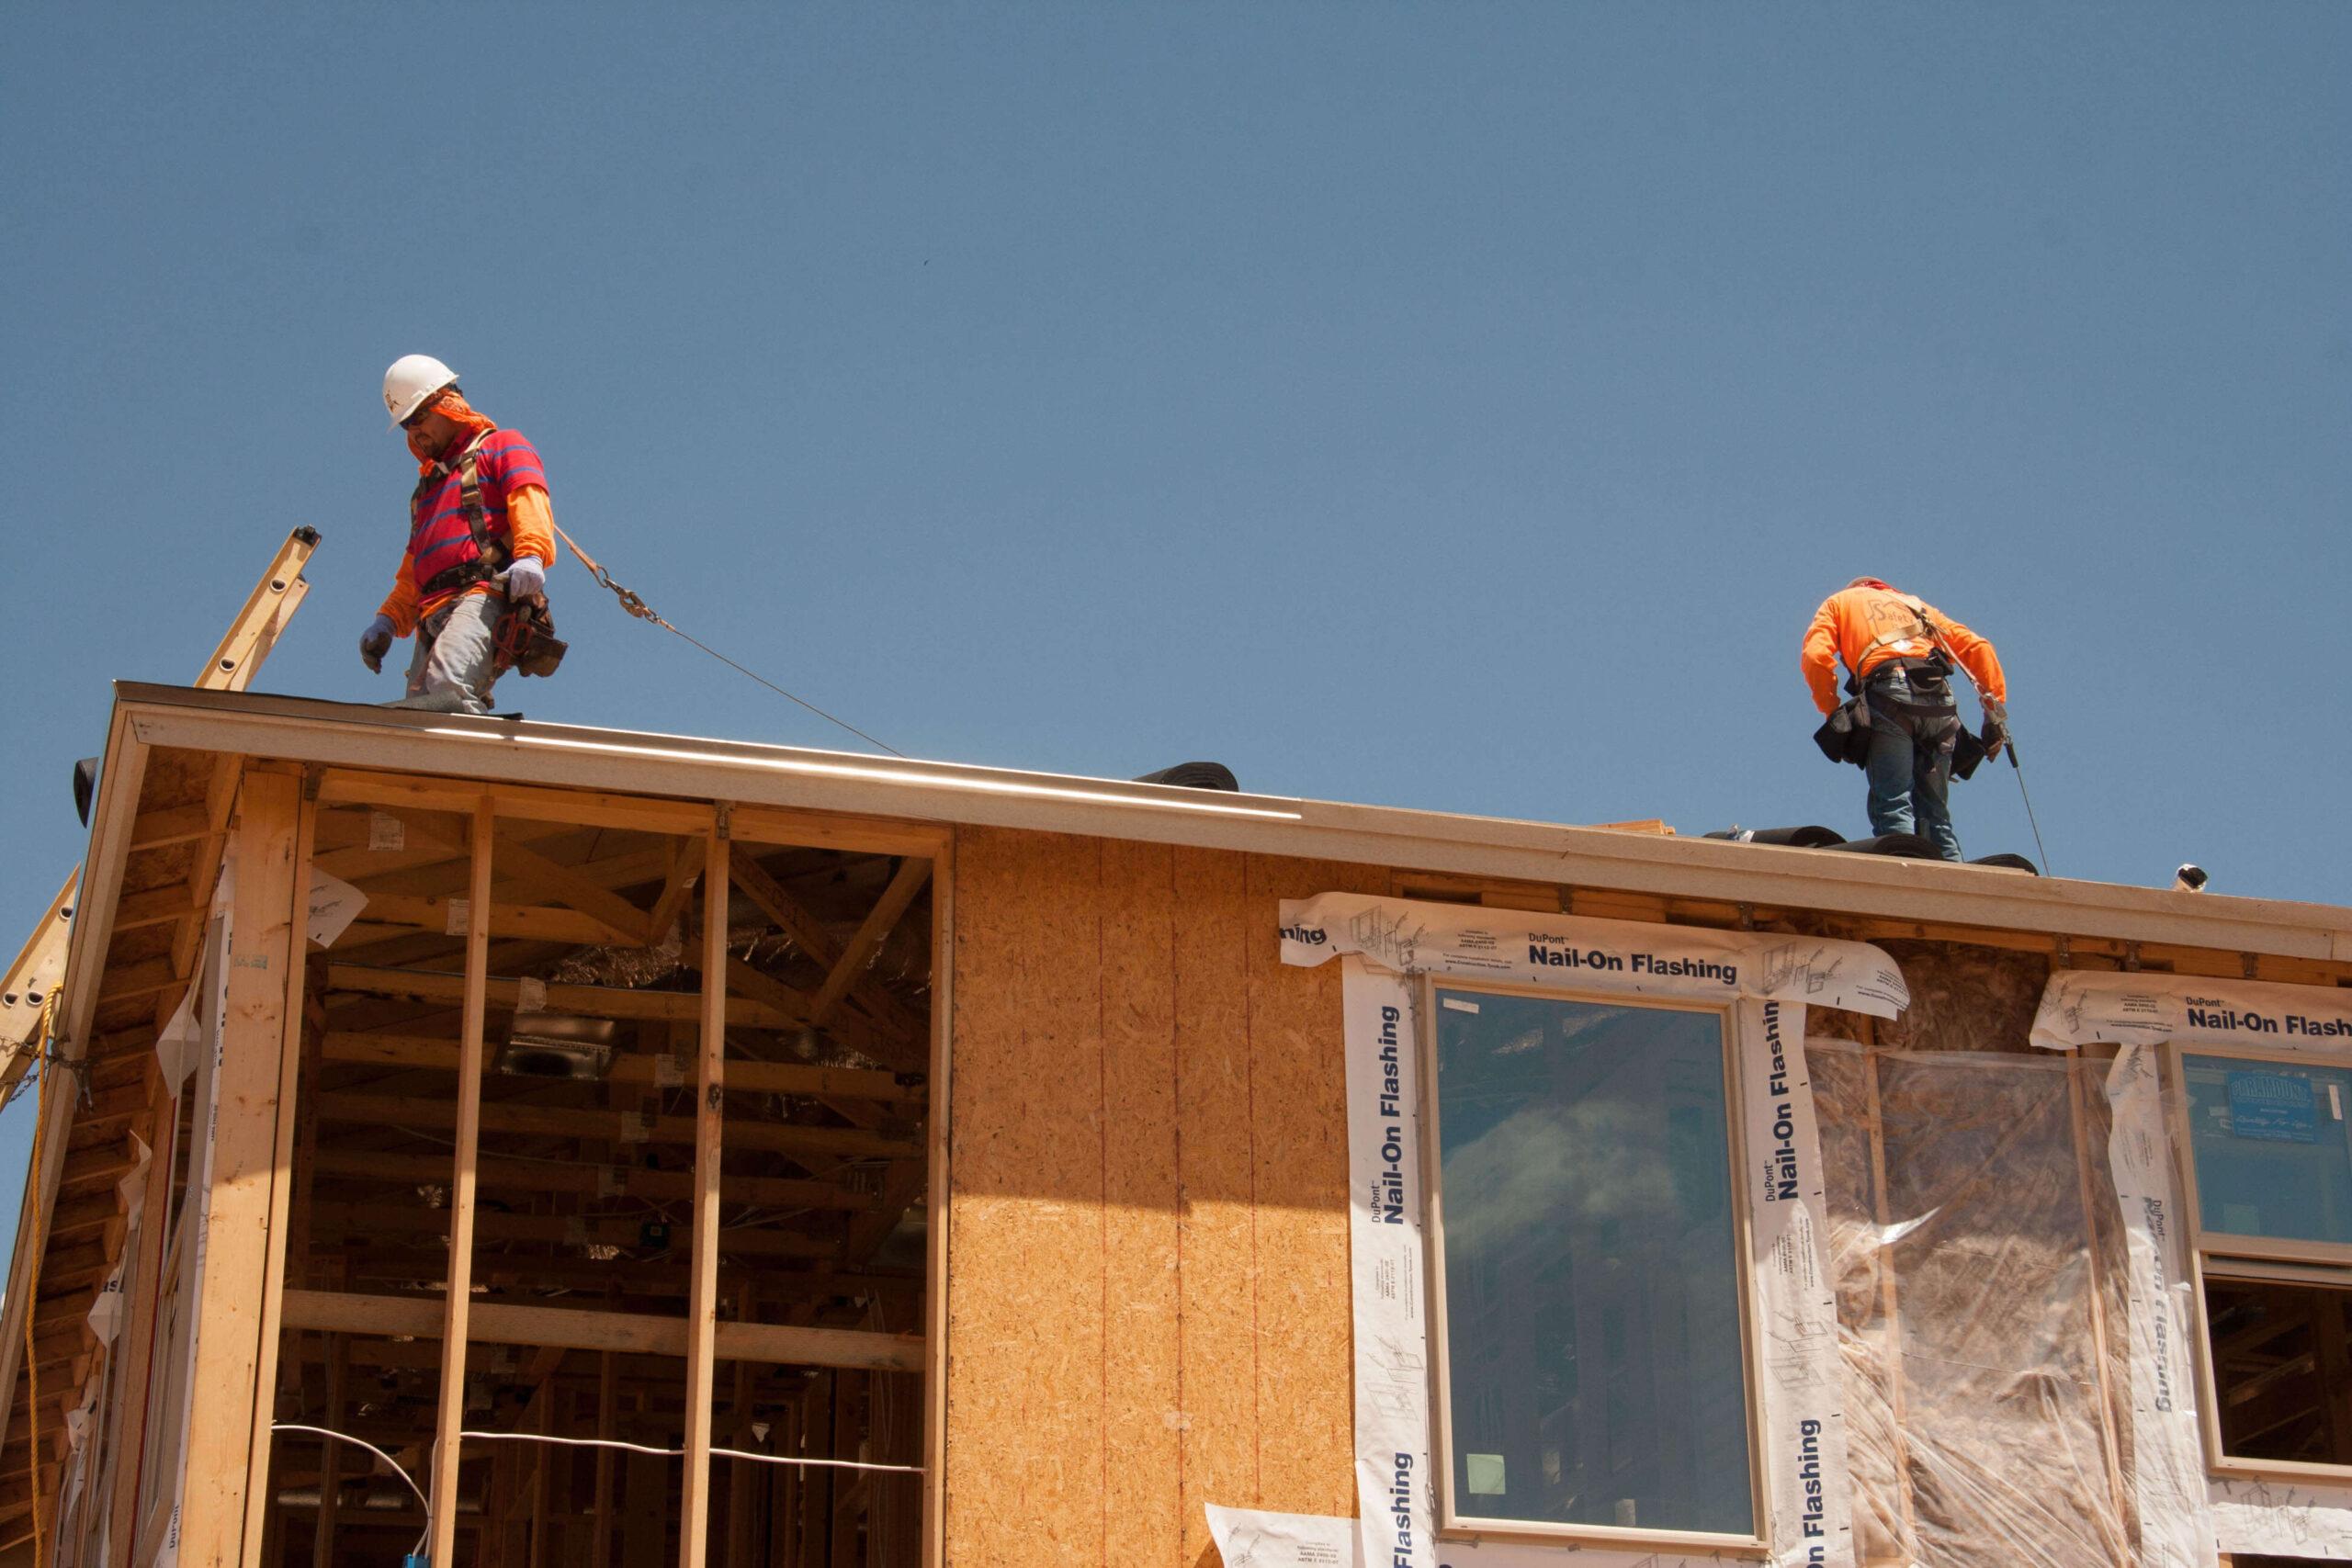 contractor bonds 101